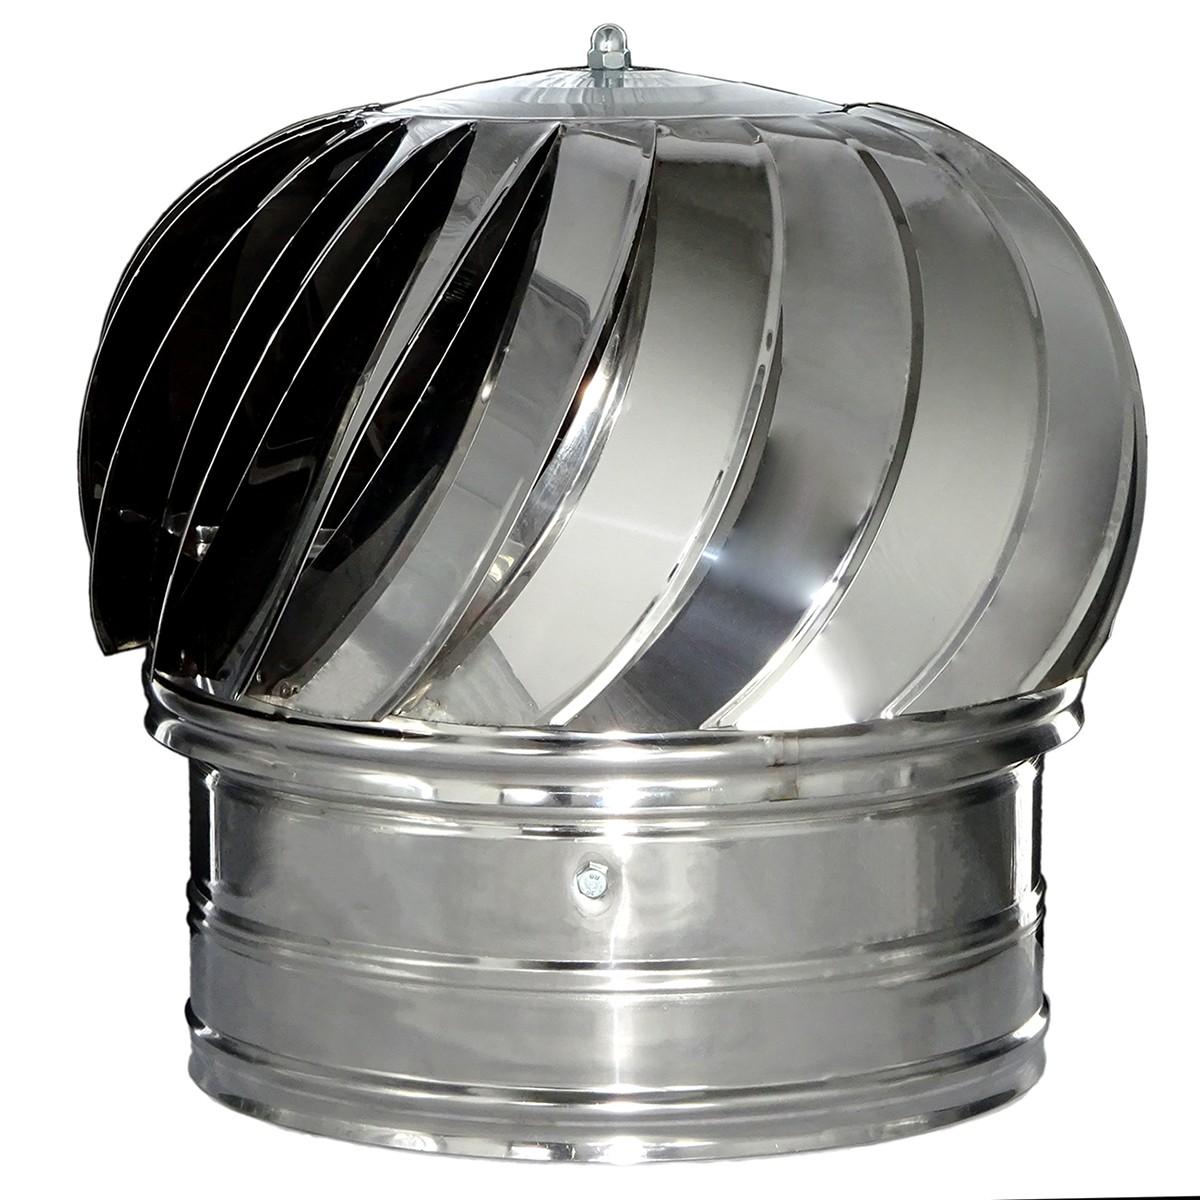 Pălărie rotativă din inox pentru coșuri de fum - Ø 200mm